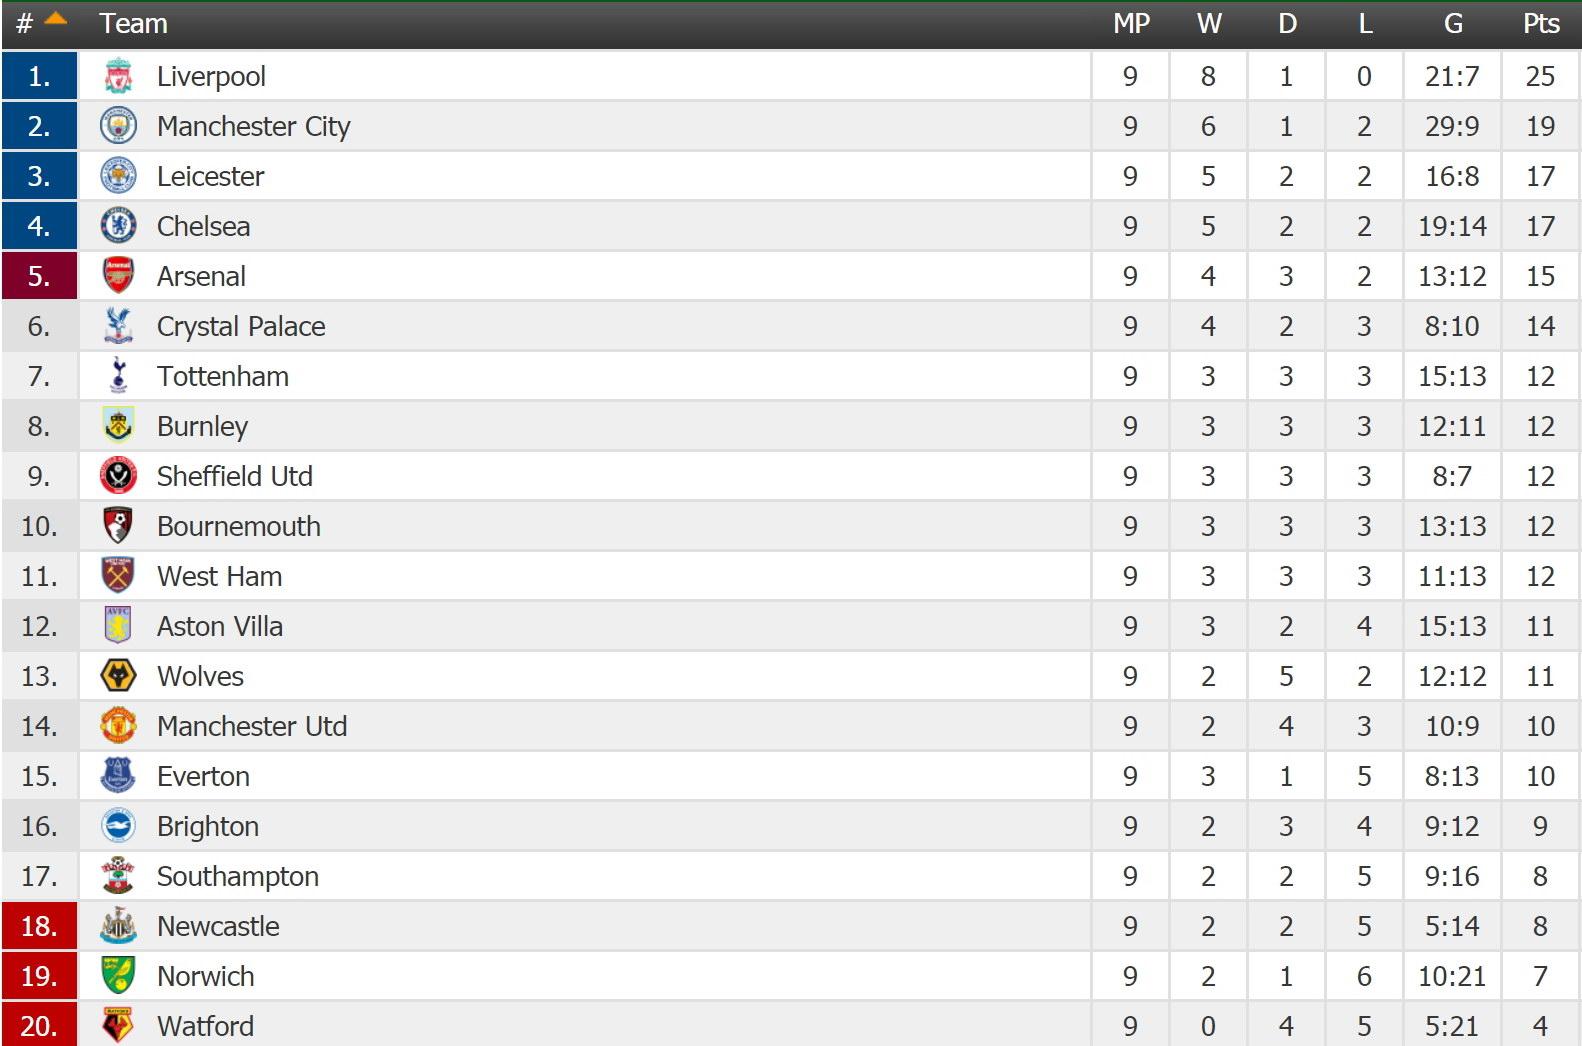 ENGLAND Premier League - Round 10 Table